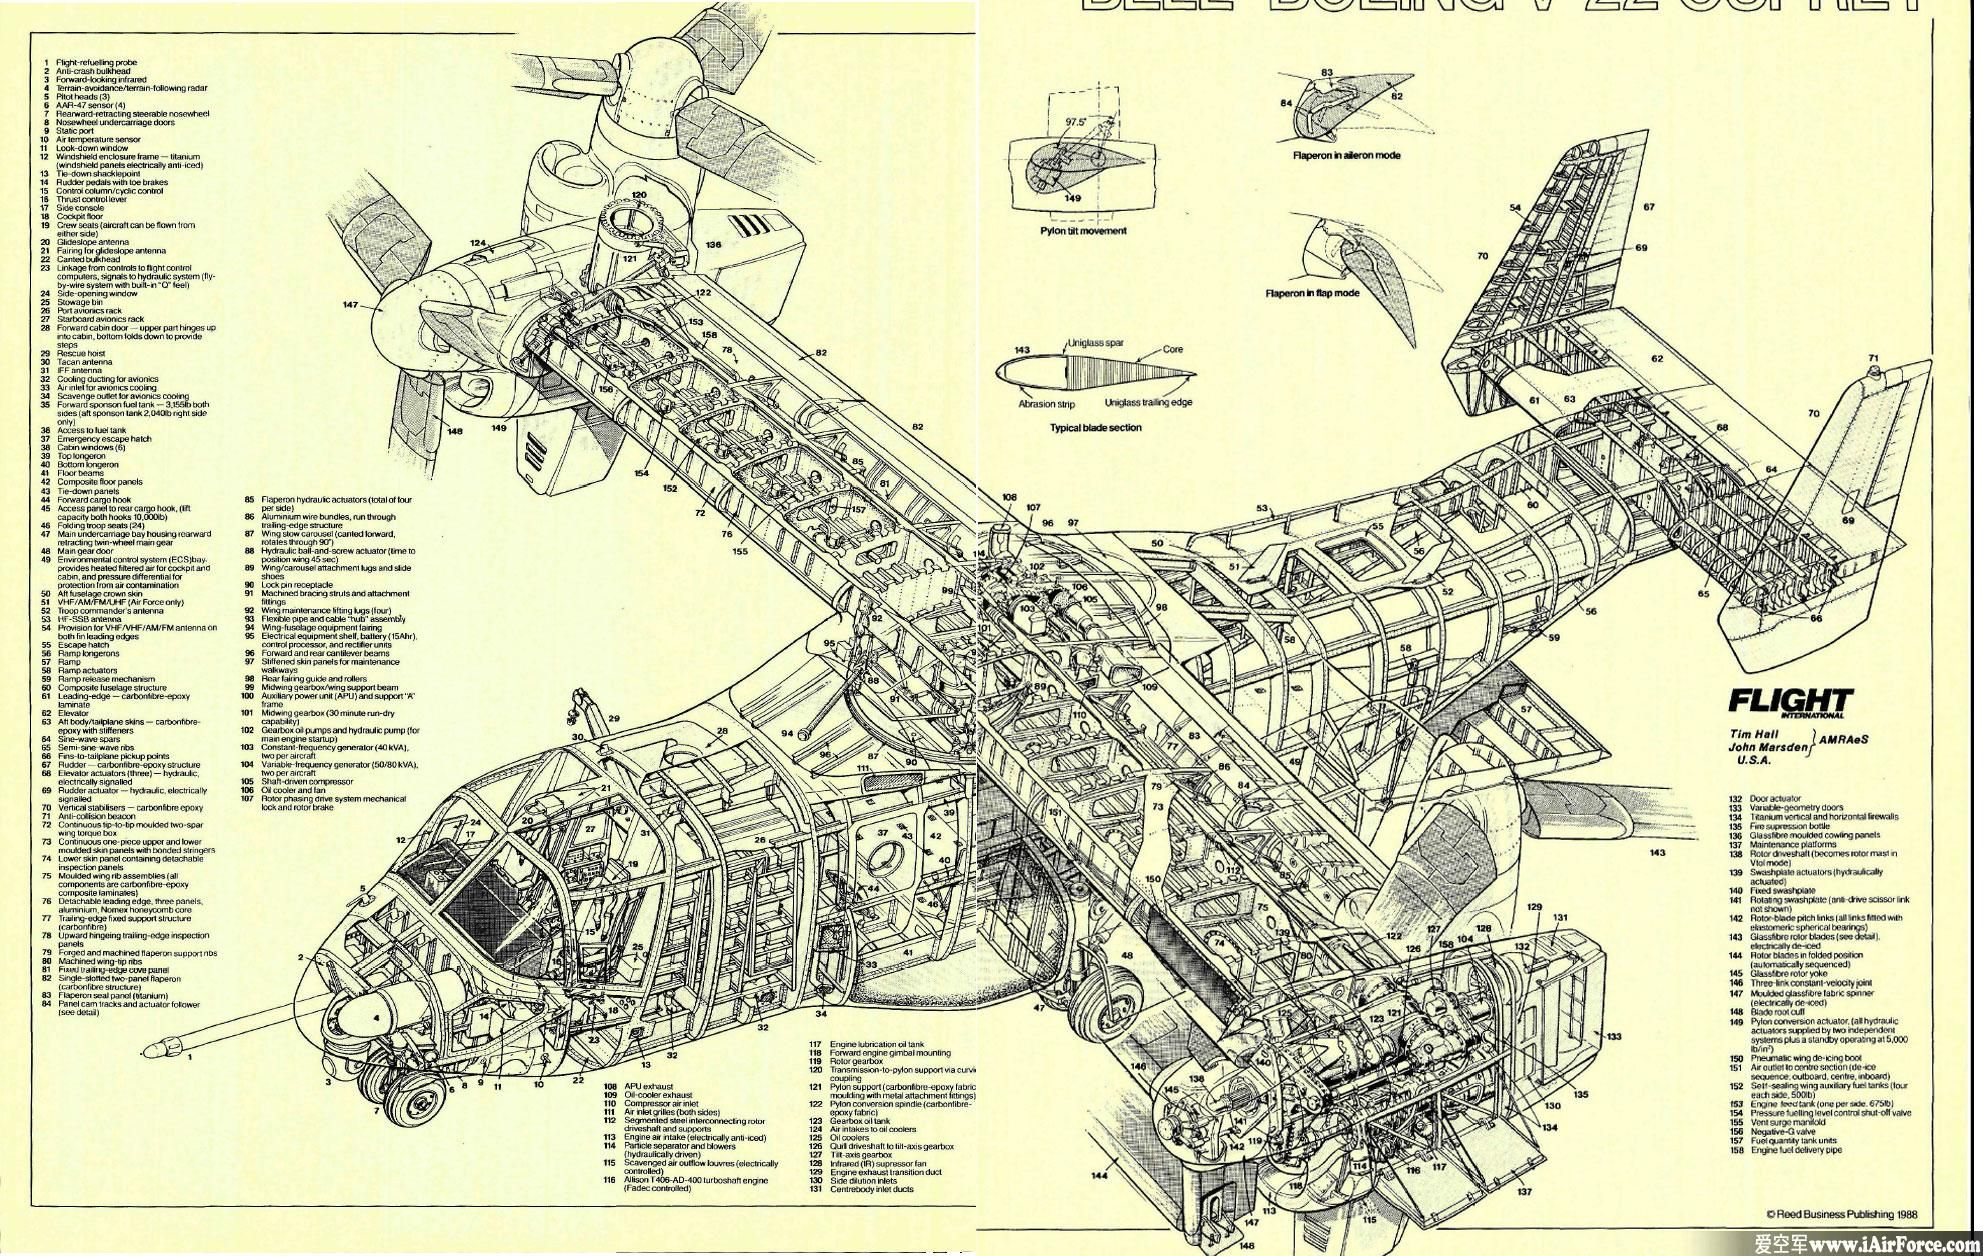 v-22 osprey cutaway | aerospace cutaways and diagrams ... v 22 osprey engine diagram